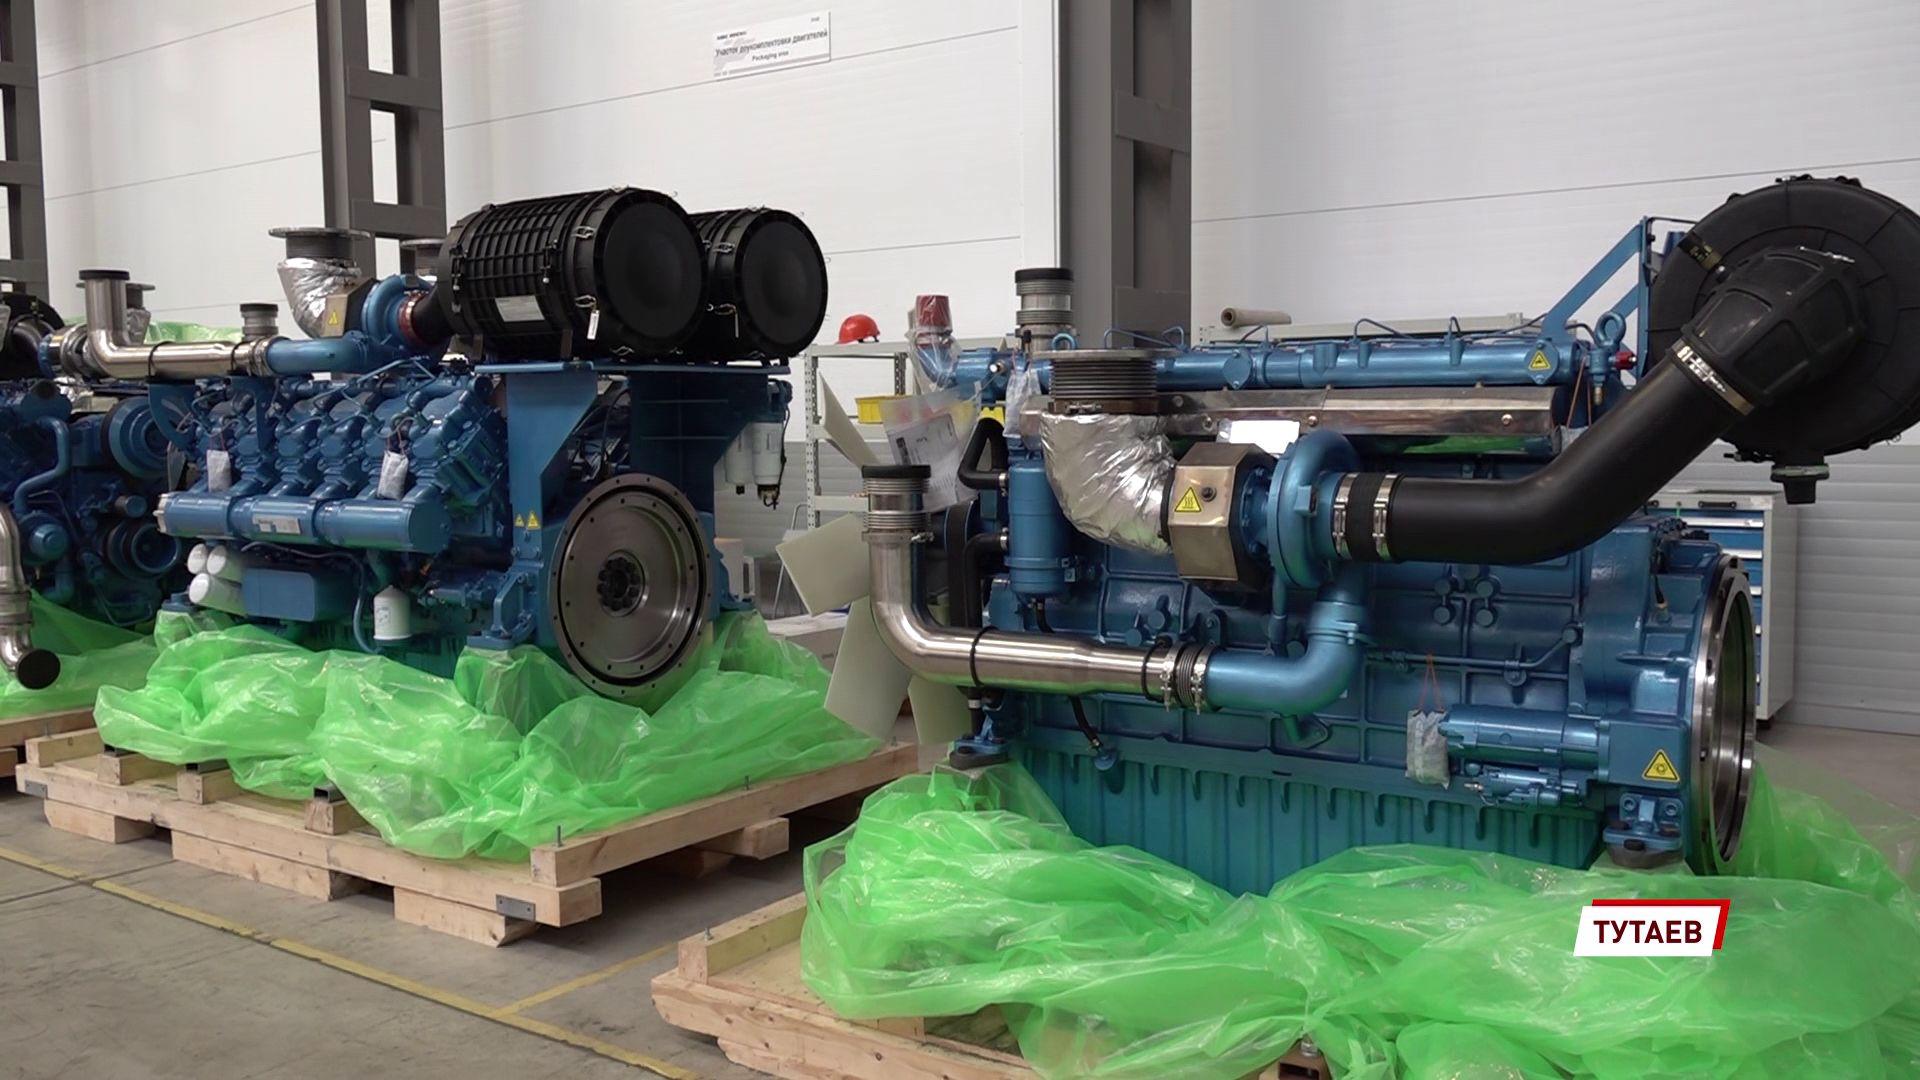 В Тутаеве запустили конвейер по сборке дизельных и газовых двигателей большой мощности